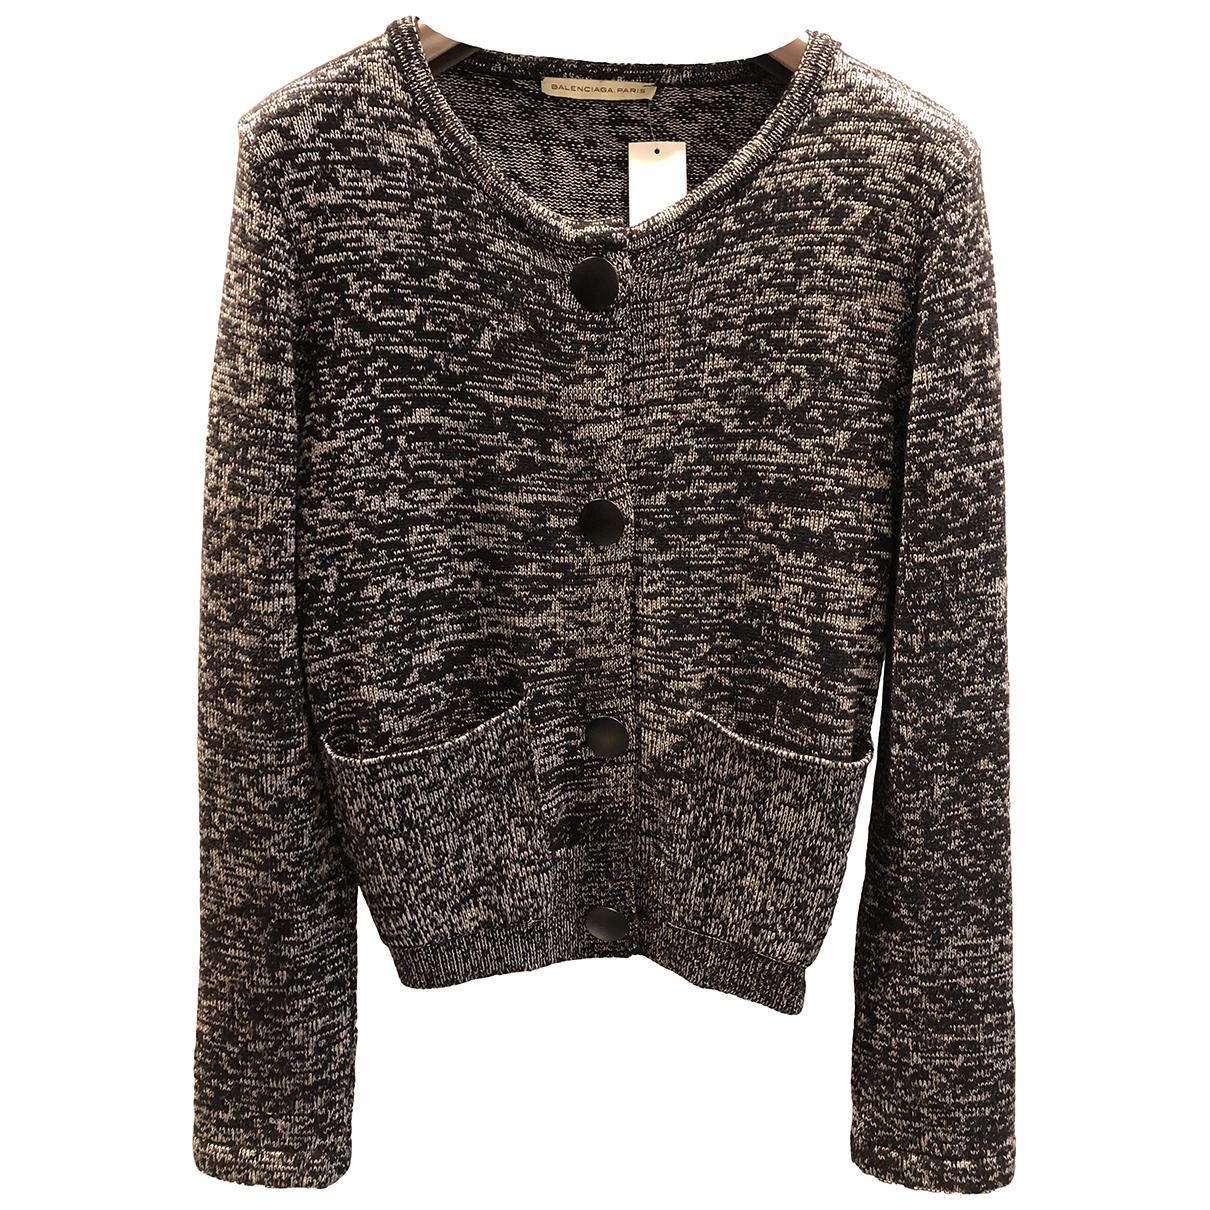 Balenciaga N Grey Knitwear for Women 36 IT